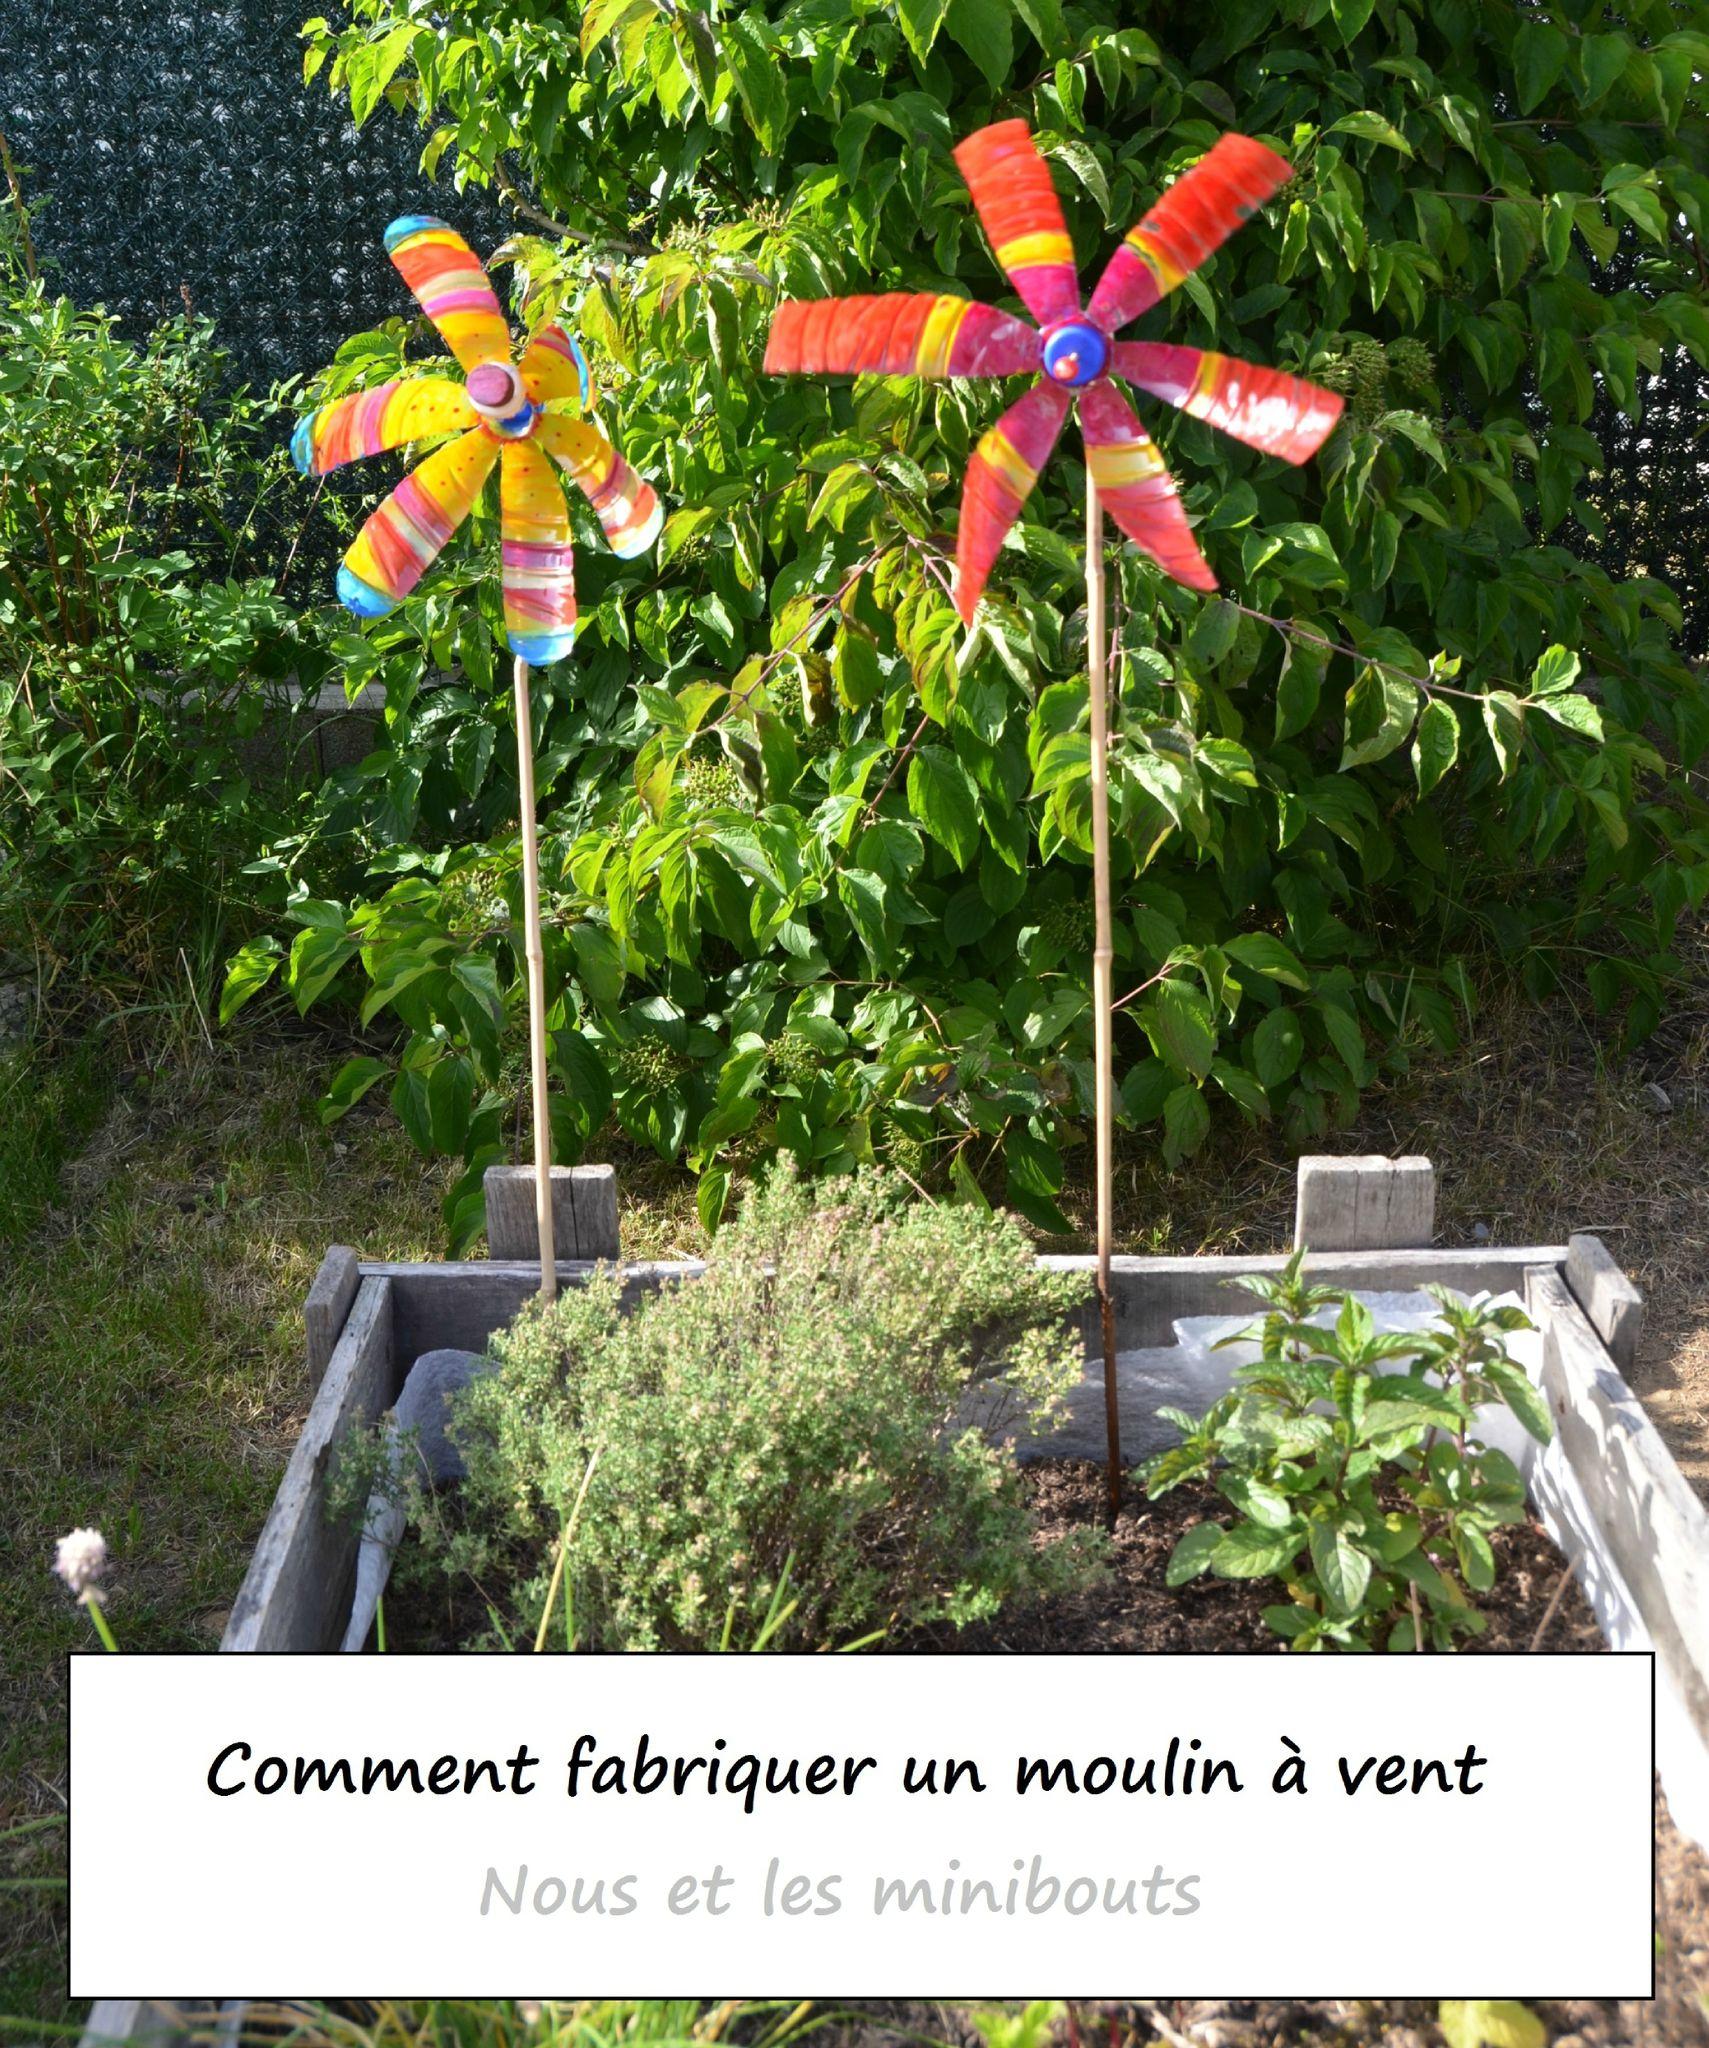 Diy : Comment Fabriquer Un Moulin À Vent Avec Des Matériaux ... intérieur Fabriquer Moulin A Vent De Jardin